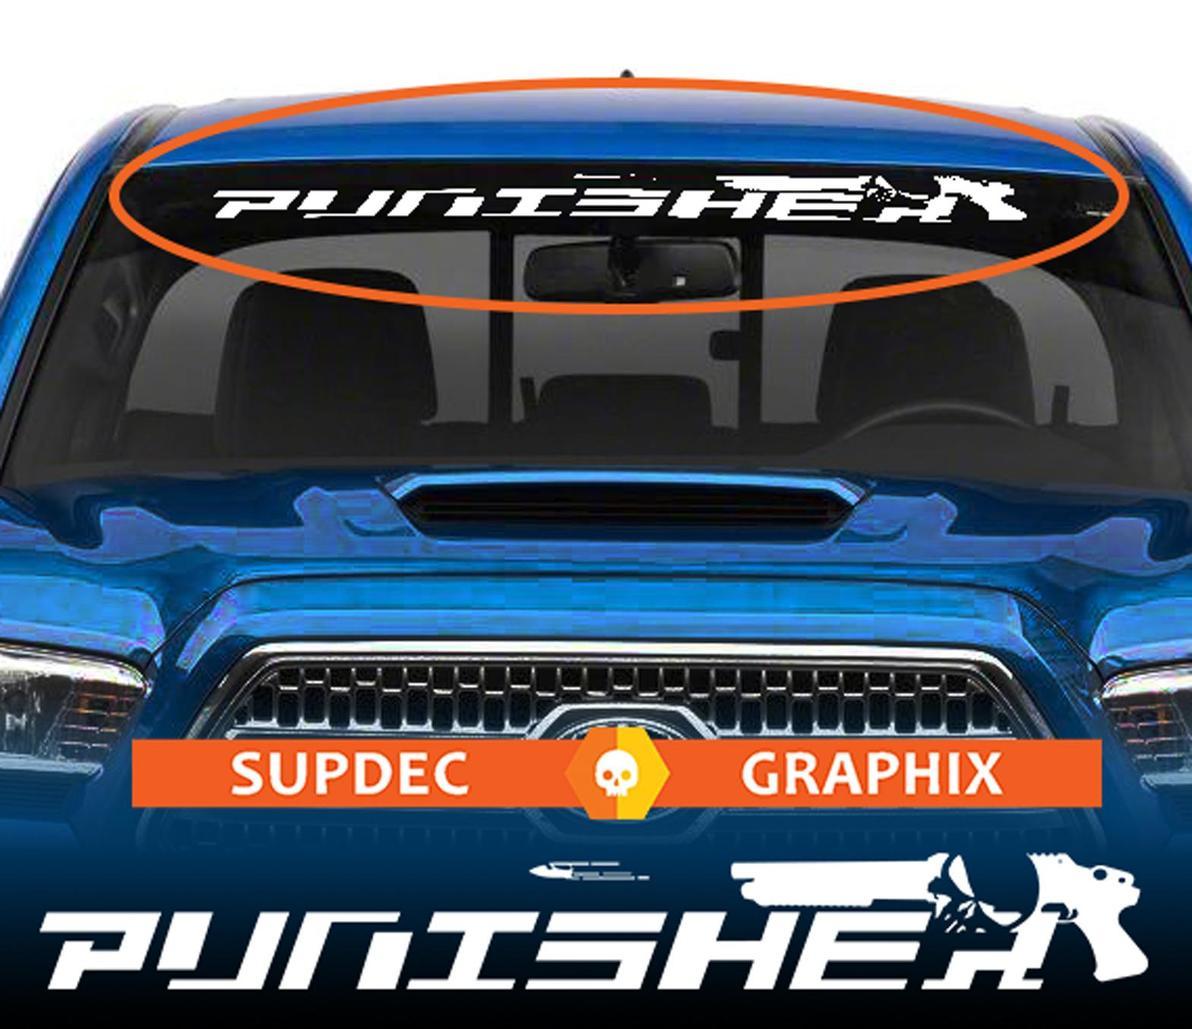 Punisher Kugel Fenster Windschutzscheibe Banner Aufkleber Aufkleber von SupDec Graphix